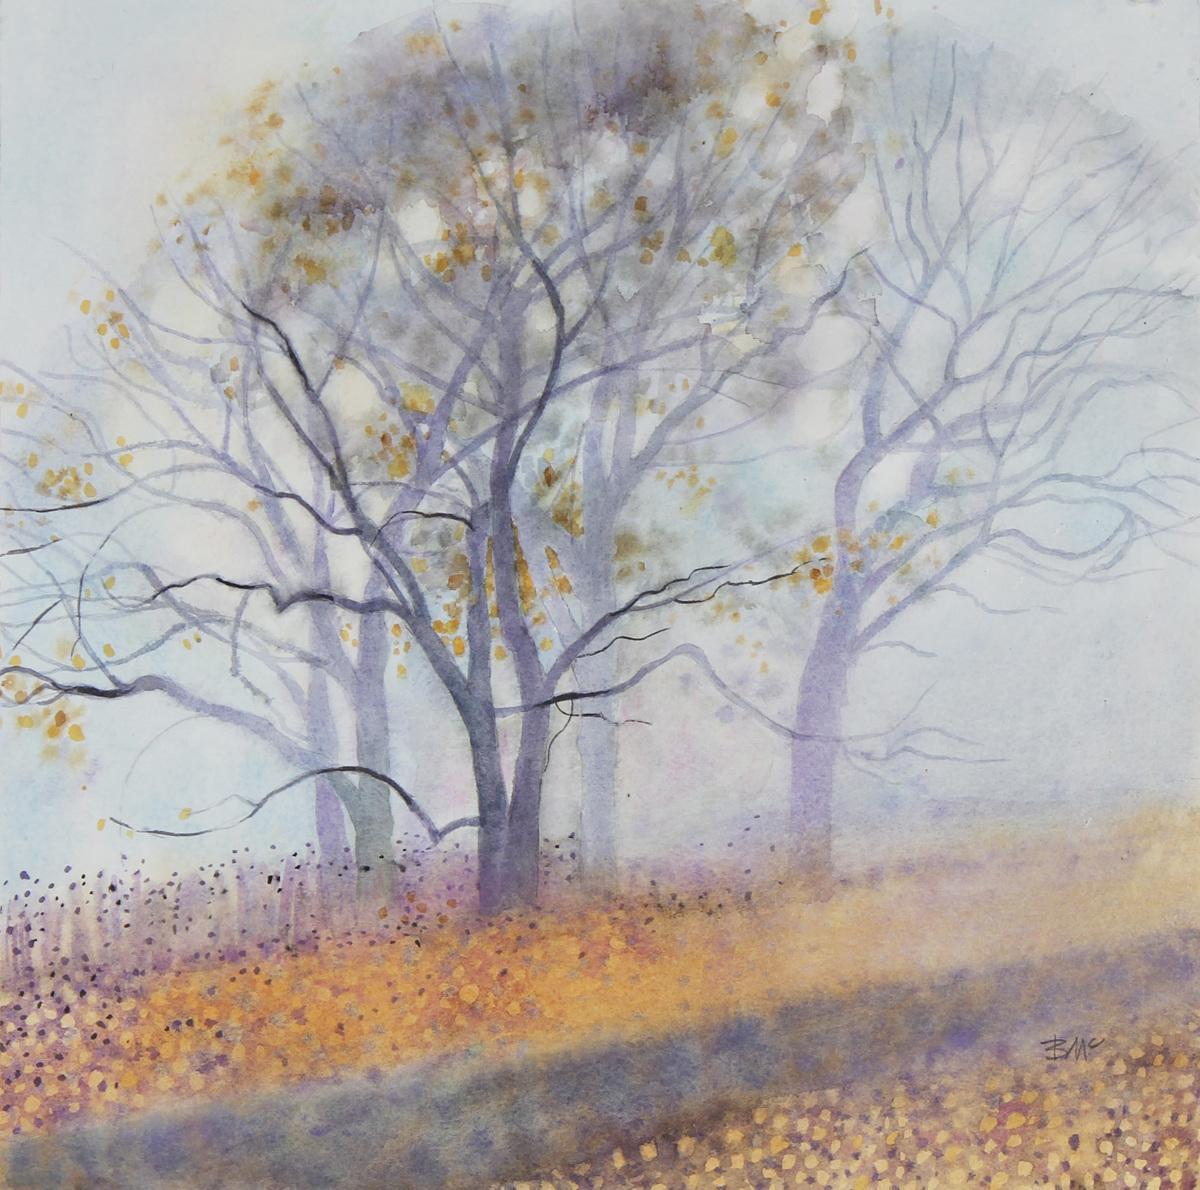 Oak Grove, Fog (large view)